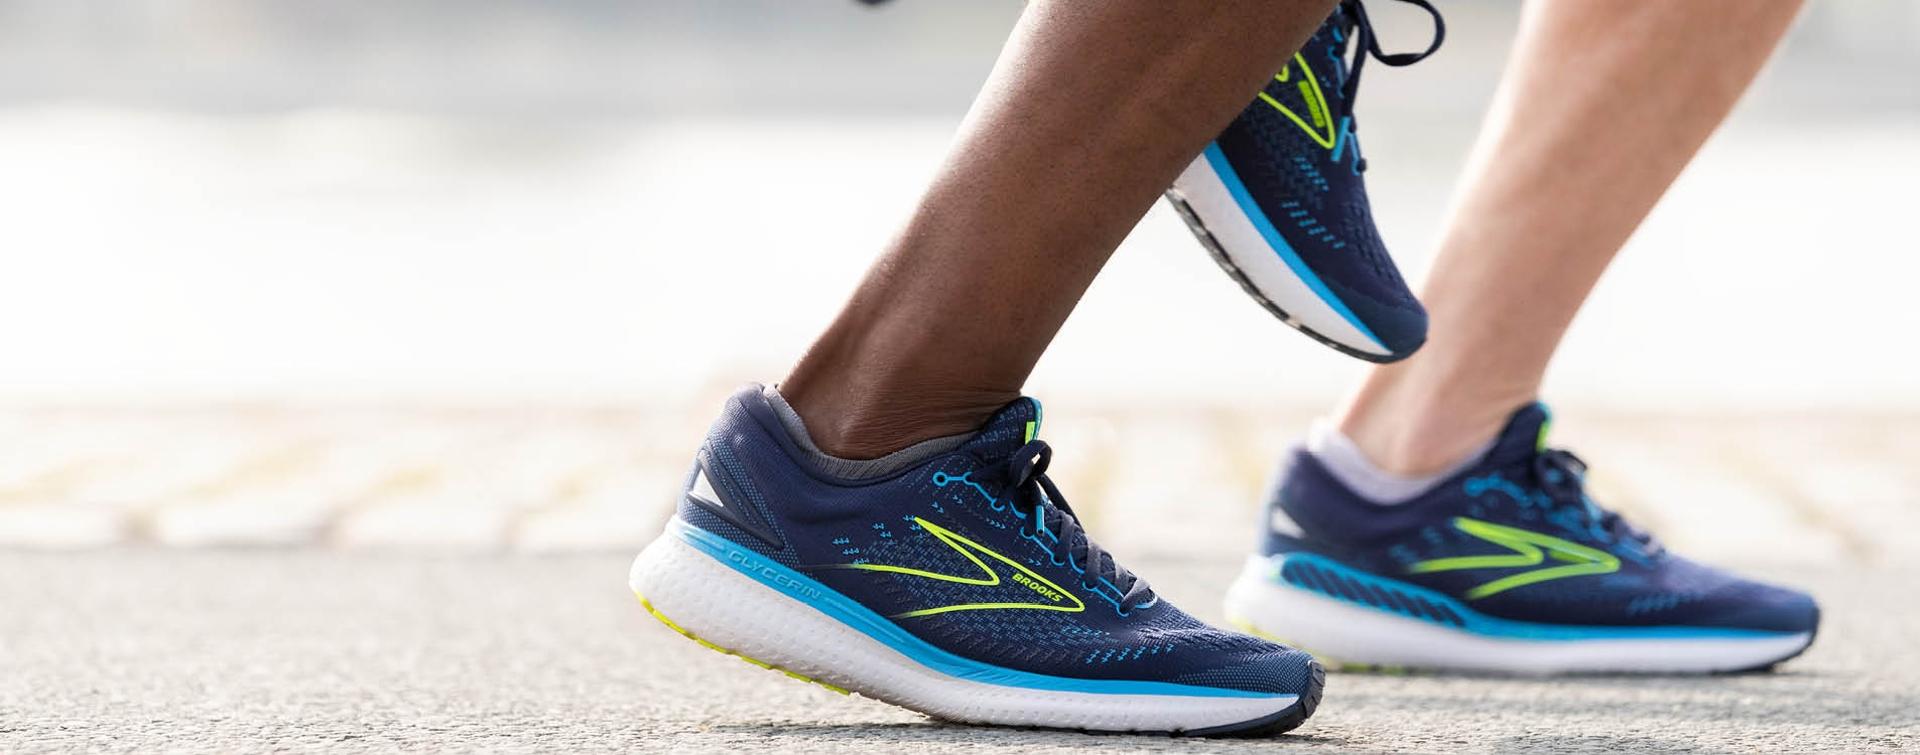 Close up of feet wearing Navy blue running sneaker